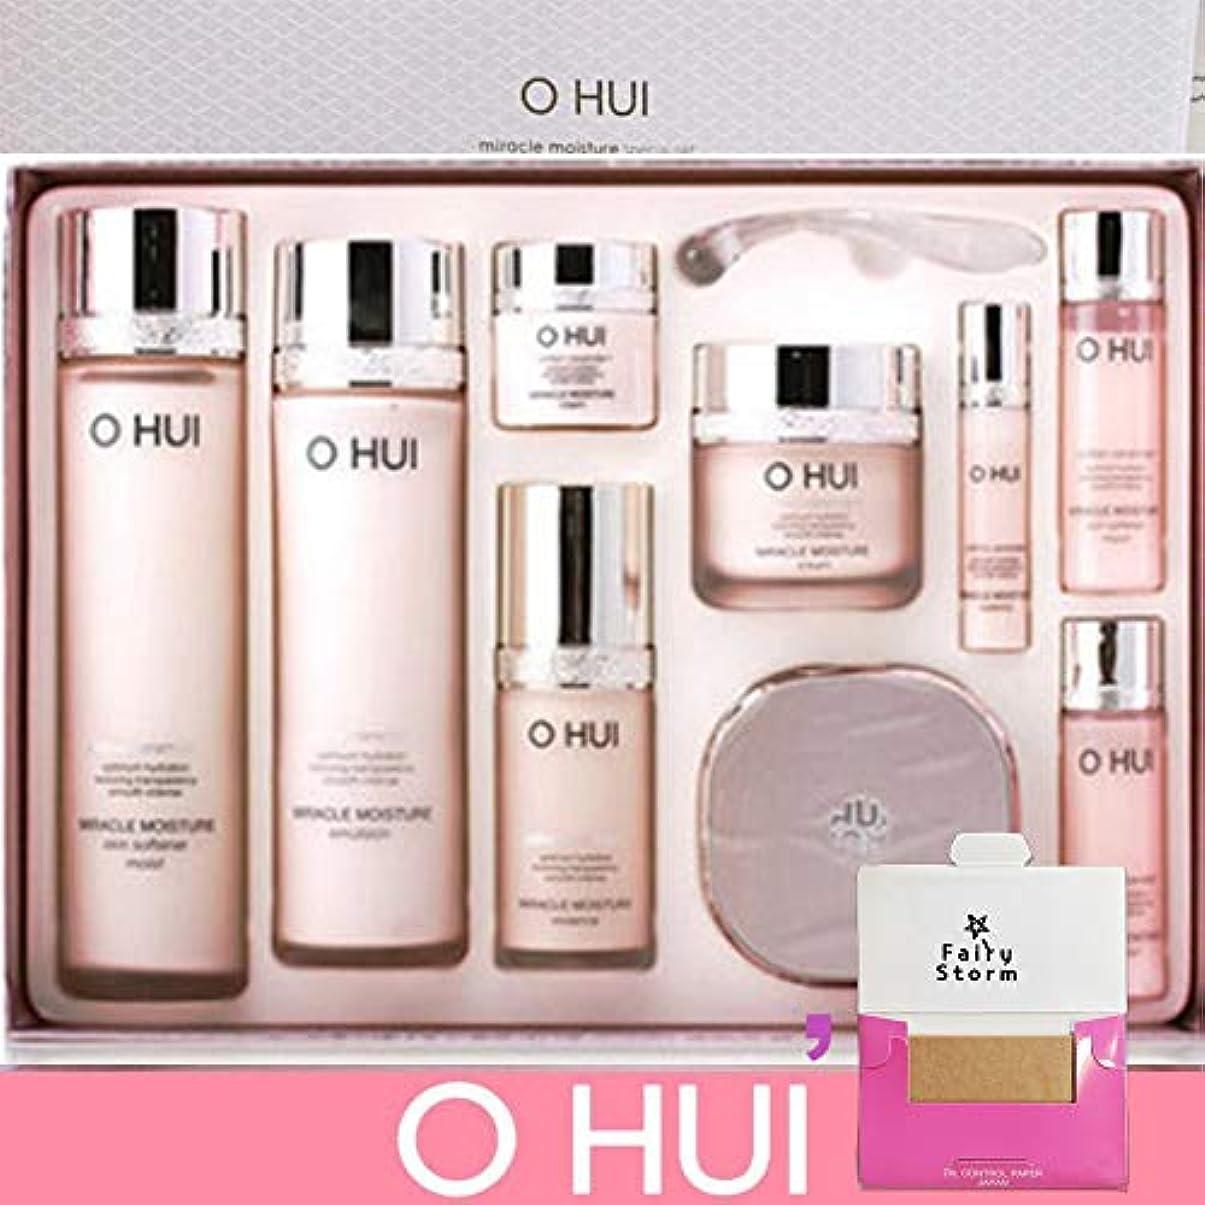 一般的に言えば考古学[オフィ/ O HUI]韓国化粧品 LG生活健康/ O HUI MIRACLE MOISTURE SPECIAL SET/ミラクルモイスチャー スペシャル 4種 企画セット + [Sample Gift](海外直送品)